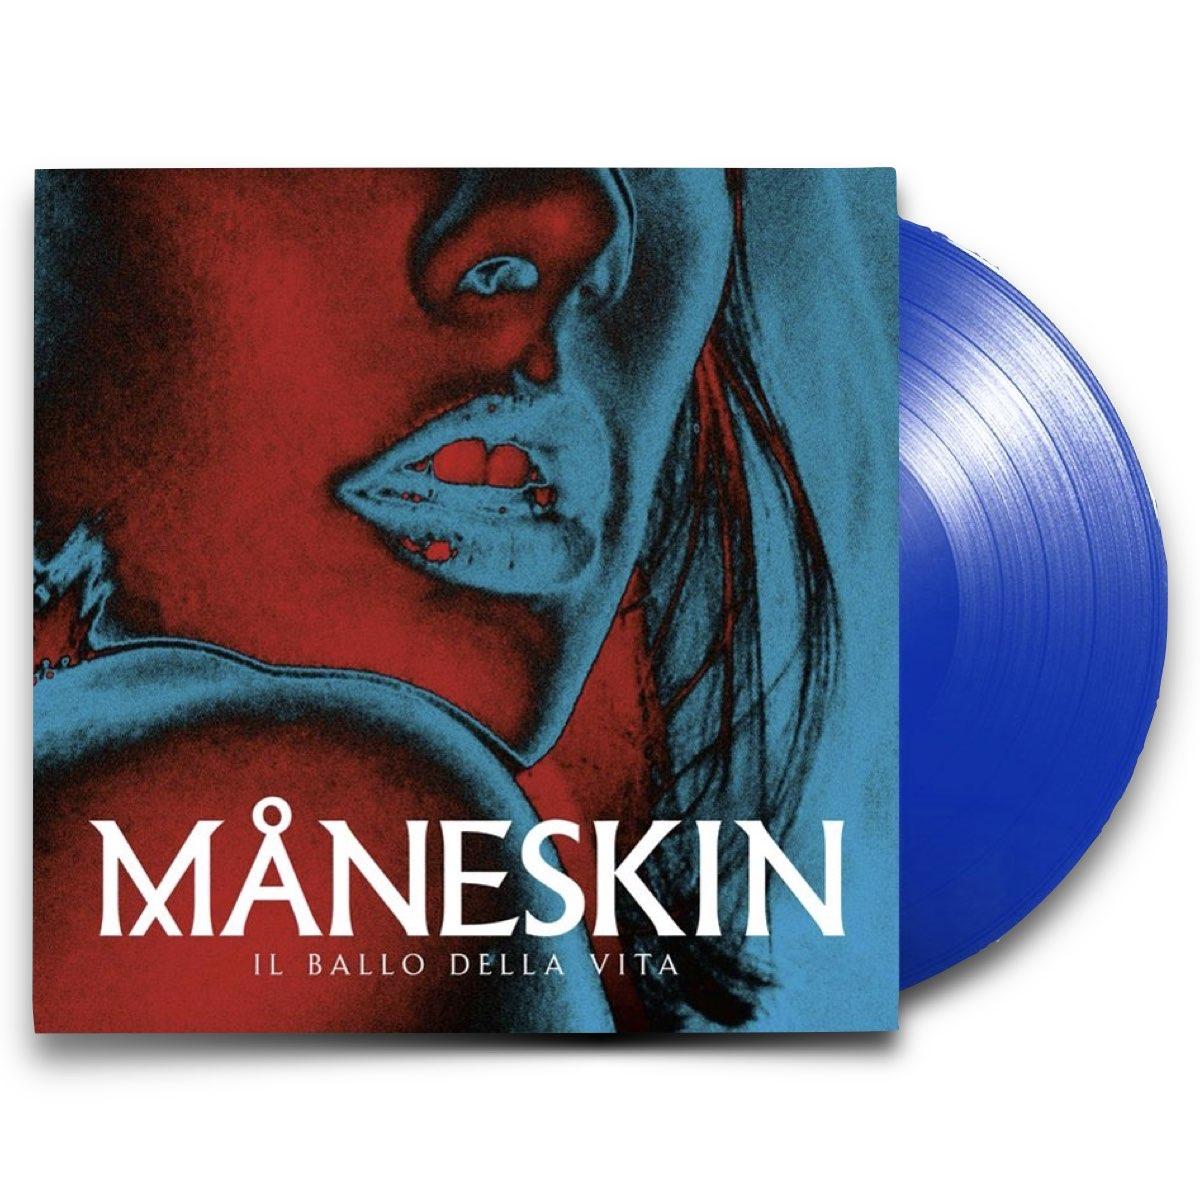 Måneskin - Il Ballo Della Vita [Limited Edition - Blue Vinyl]